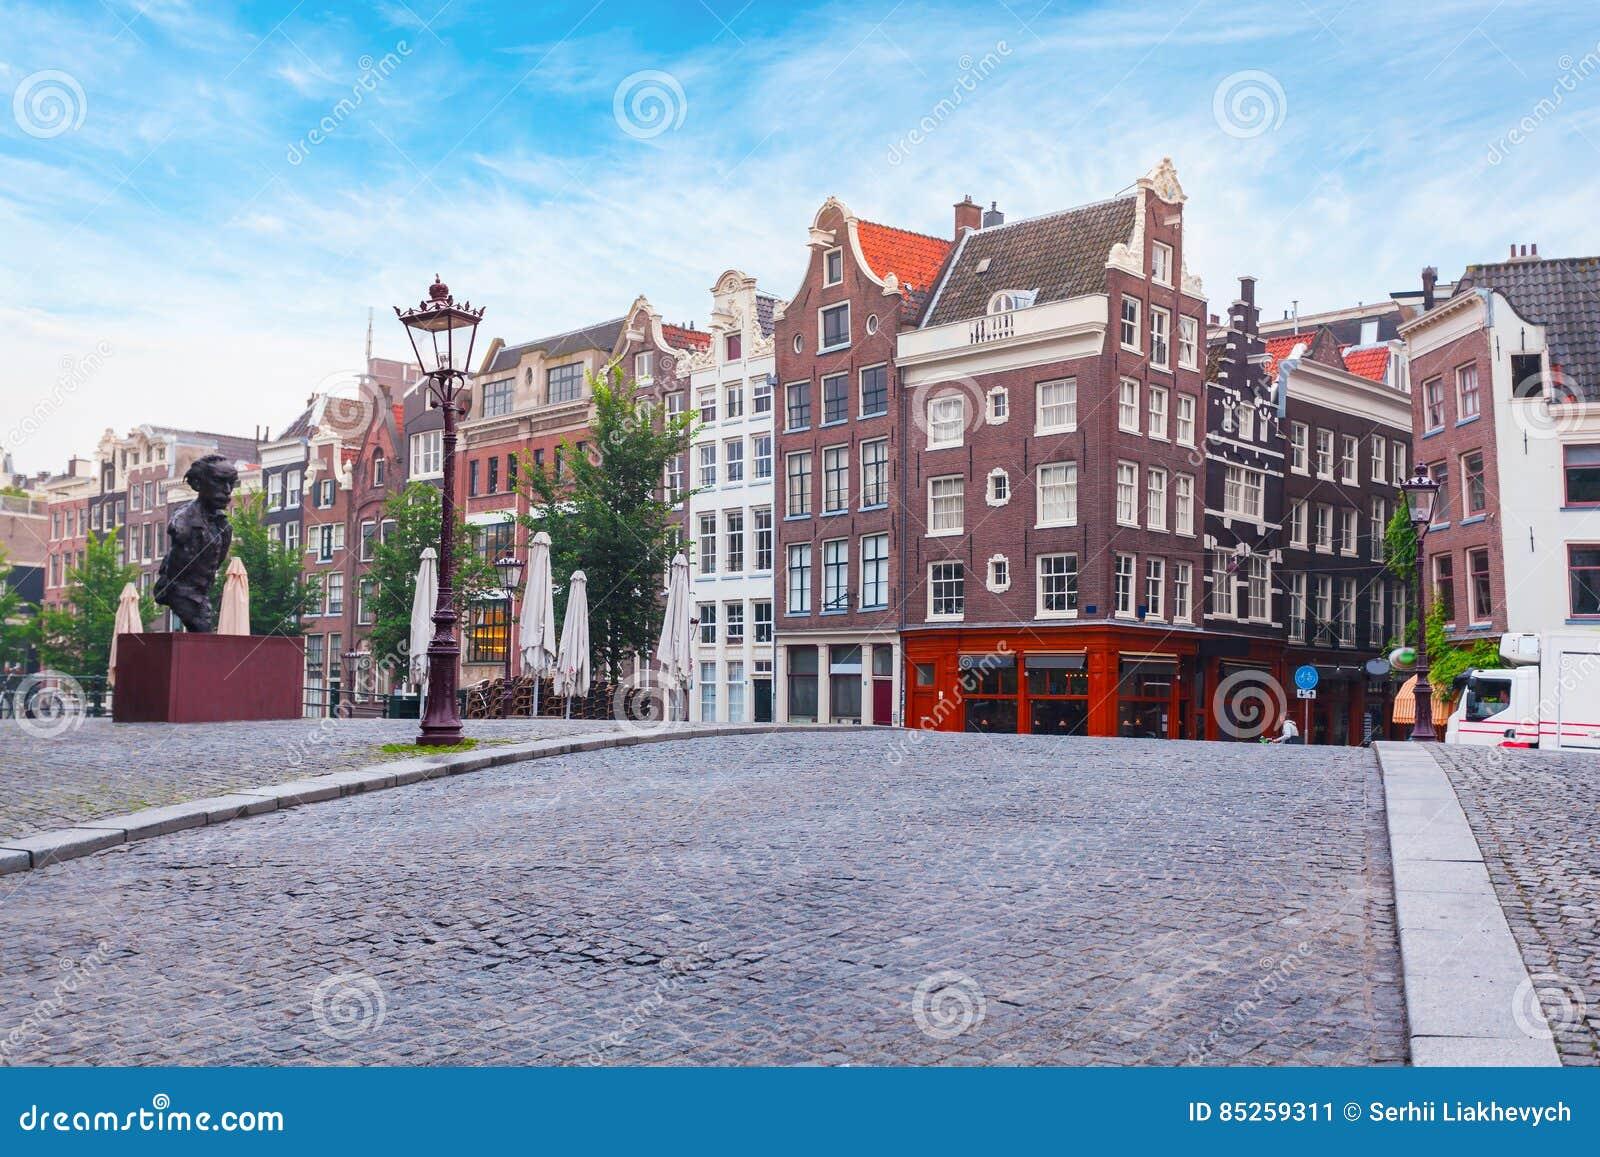 Stijl Van Amsterdam.Kleurrijke Huizen In De Nederlandse Stijl In Amsterdam Stock